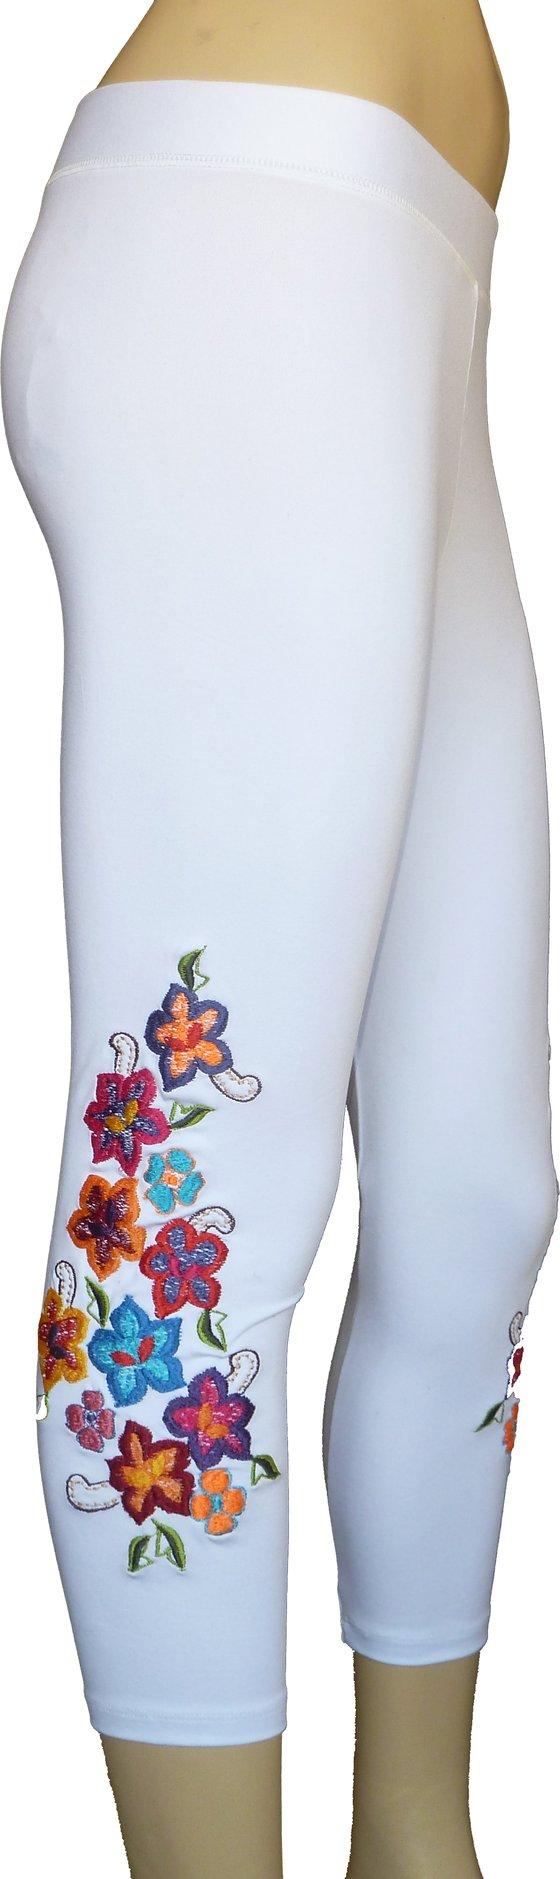 Image of Primavera Capri White leggings FW3285W